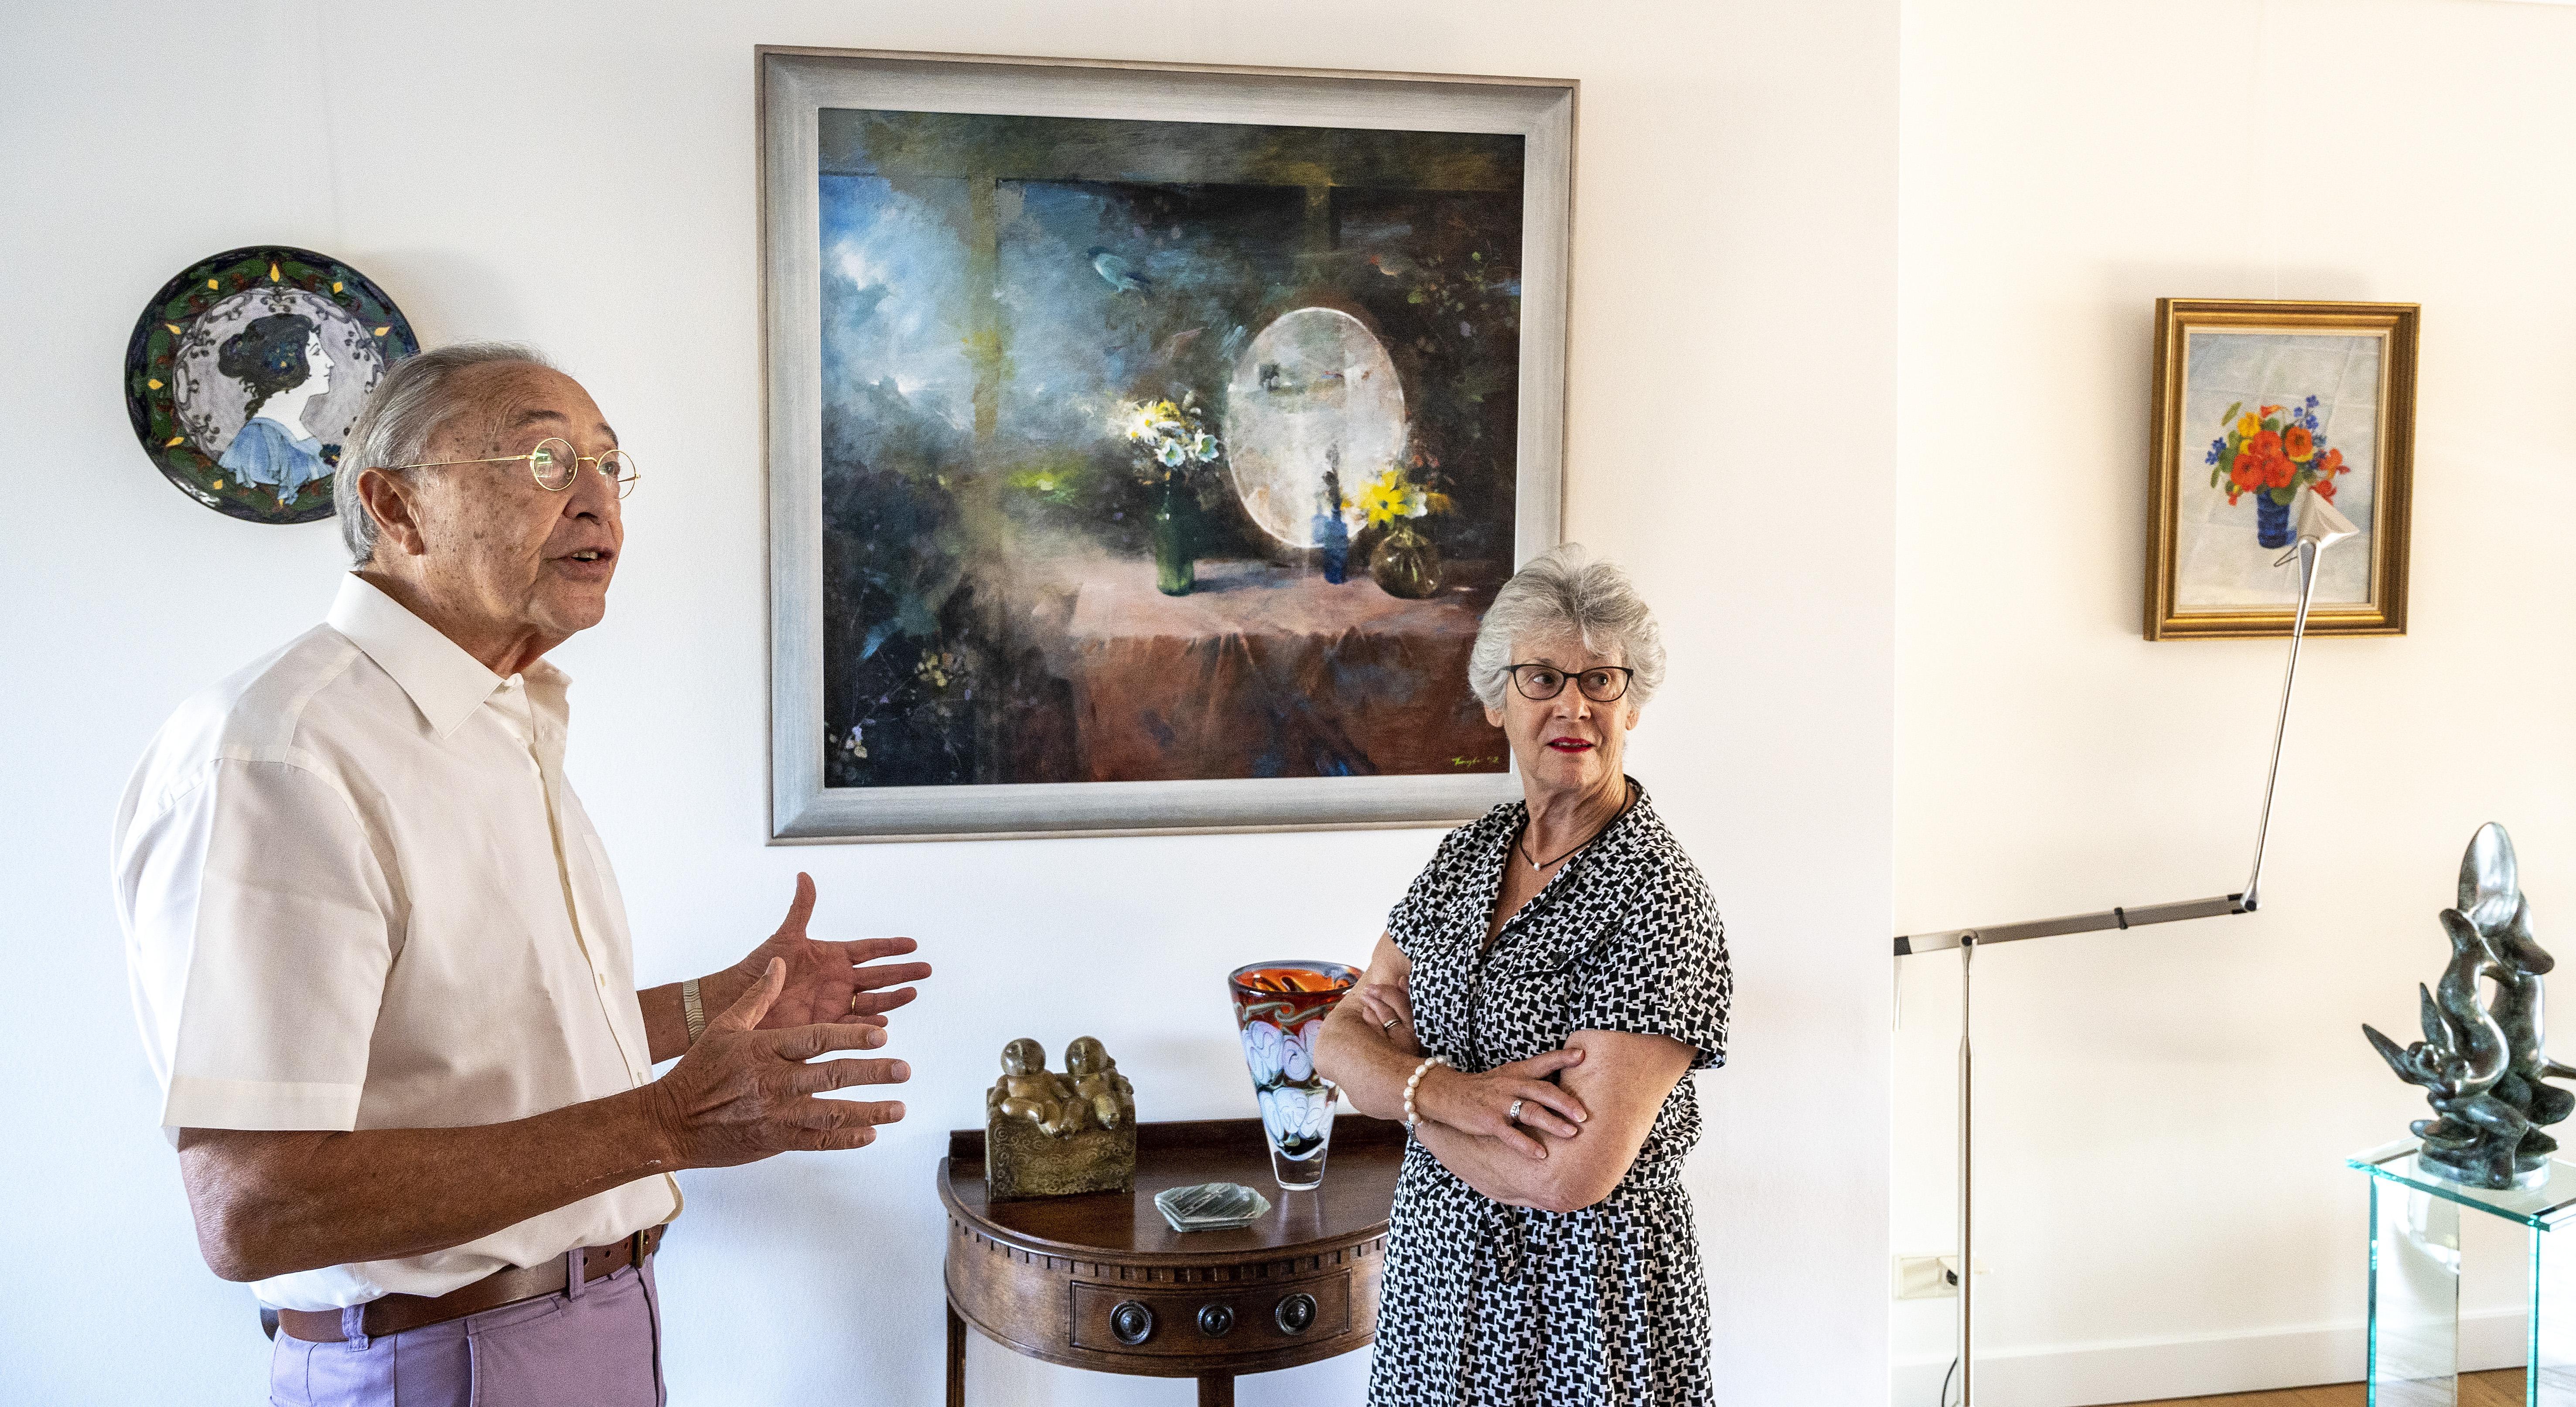 Haarlemmers Ruud en Marga Lapré over een kwart eeuw liefde voor kunst, kunstenaars en elkaar; 'We kopen voortdurend emotie'